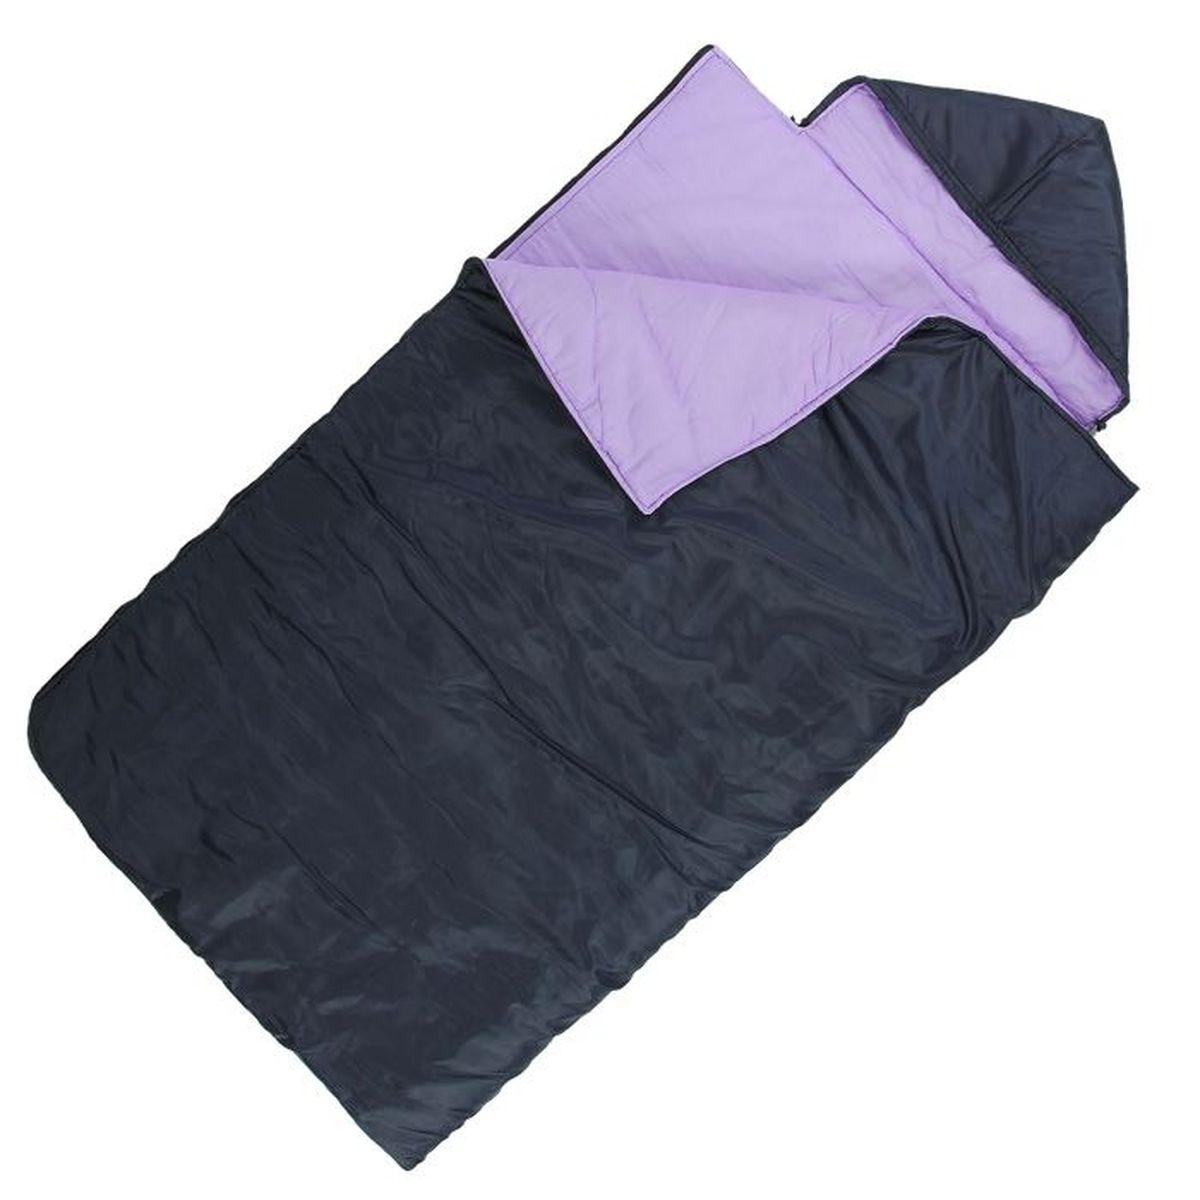 Спальный мешок Onlitop Престиж, увеличенный, цвет: черный, фиолетовый, правосторонняя молния. 1009081ATC-F-01Комфортный, просторный и очень теплый 3-х сезонный спальник предназначен для походов и для отдыха на природе не только в летнее время, но и в прохладные дни весенне-осеннего периода. В теплое время спальный мешок можно использовать как одеяло (в том числе и дома).